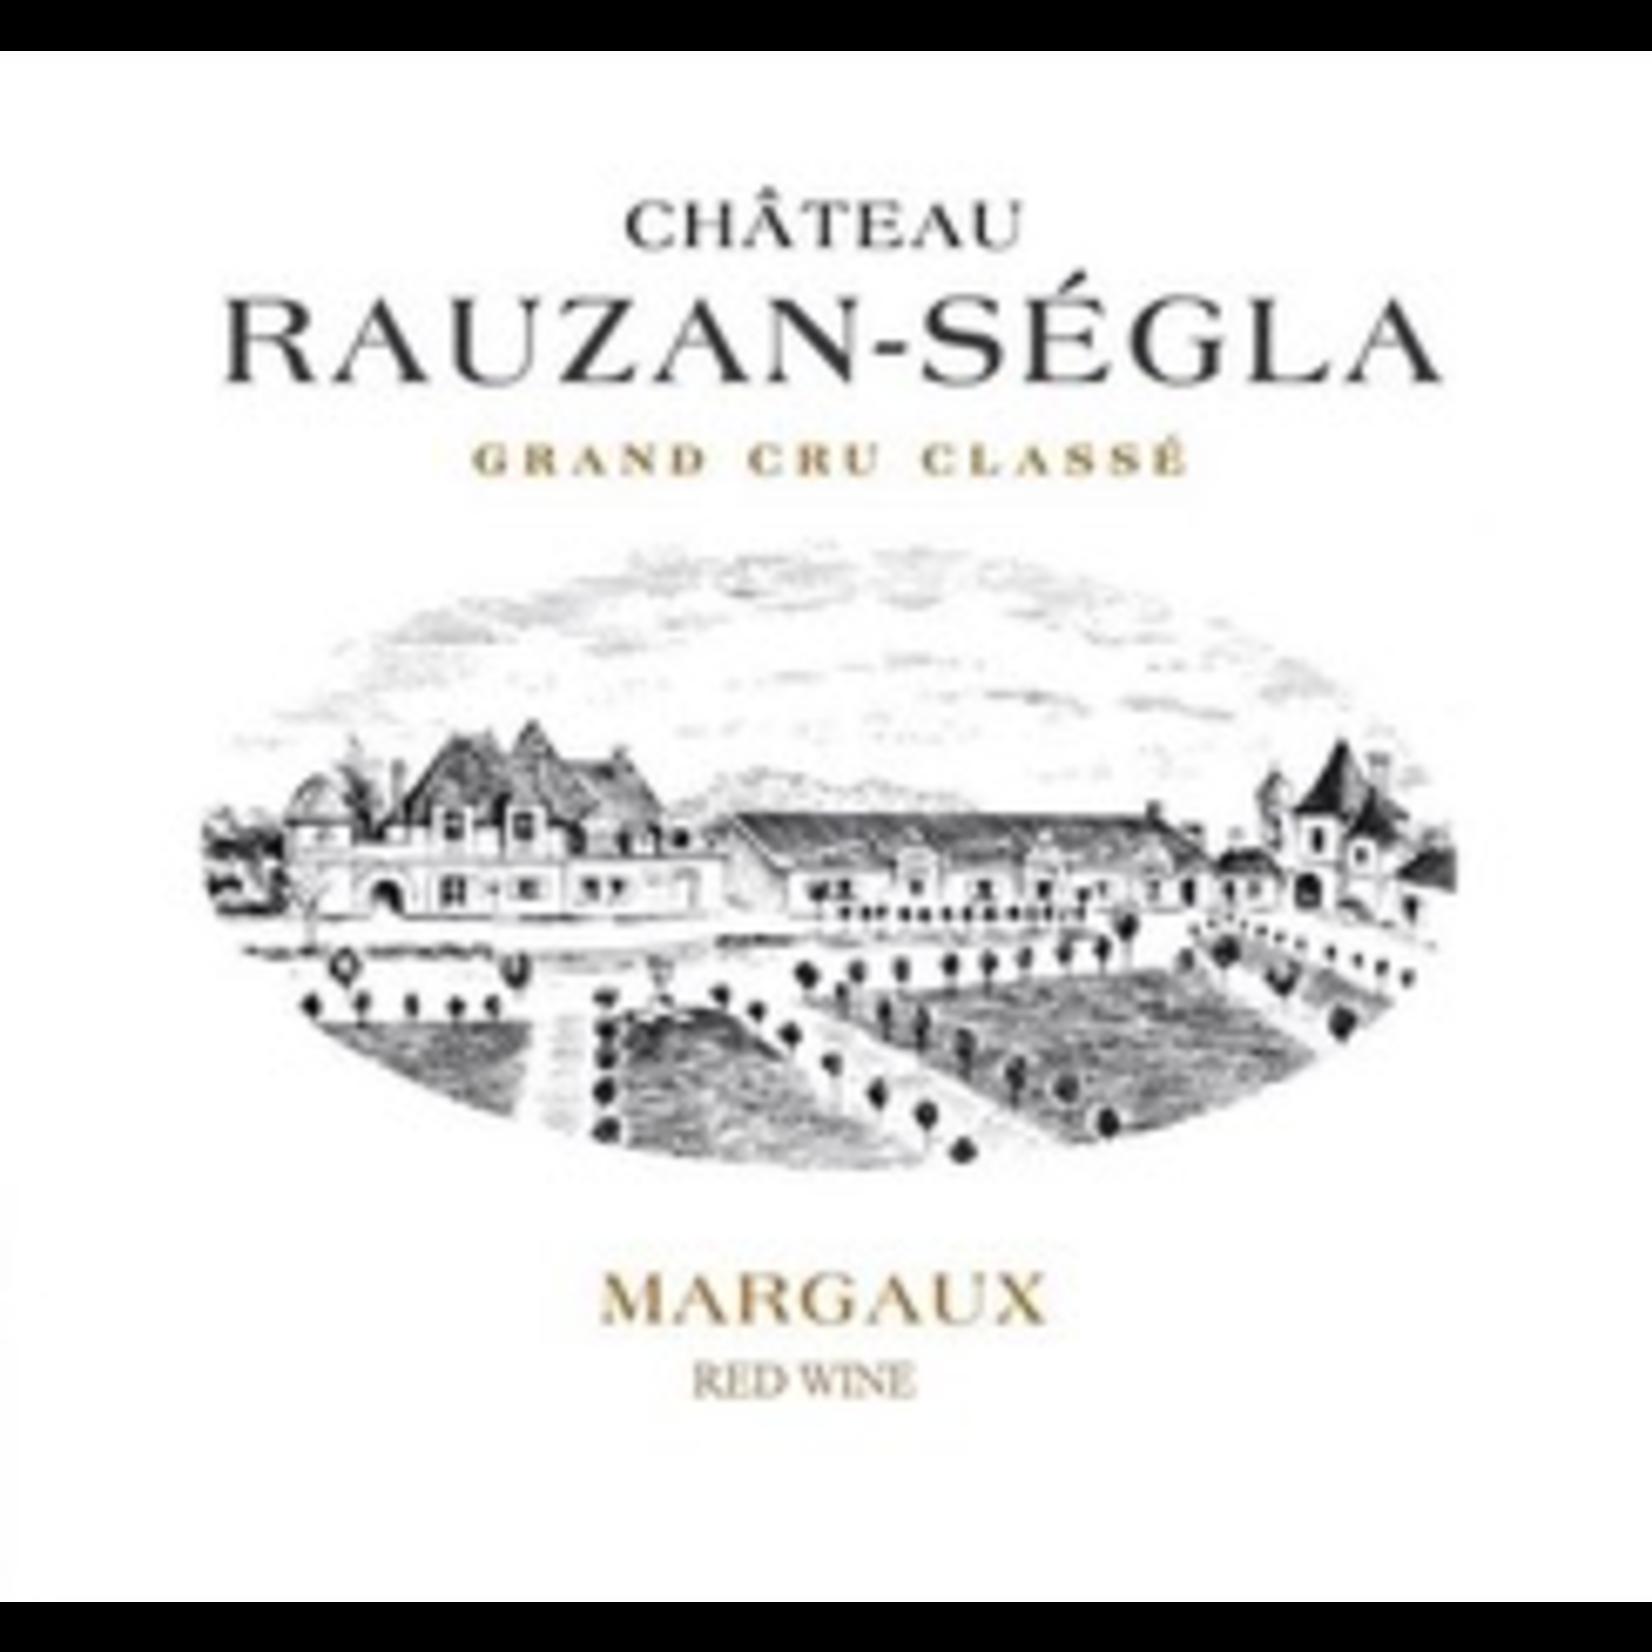 Wine Chateau Rauzan-Segla 1990